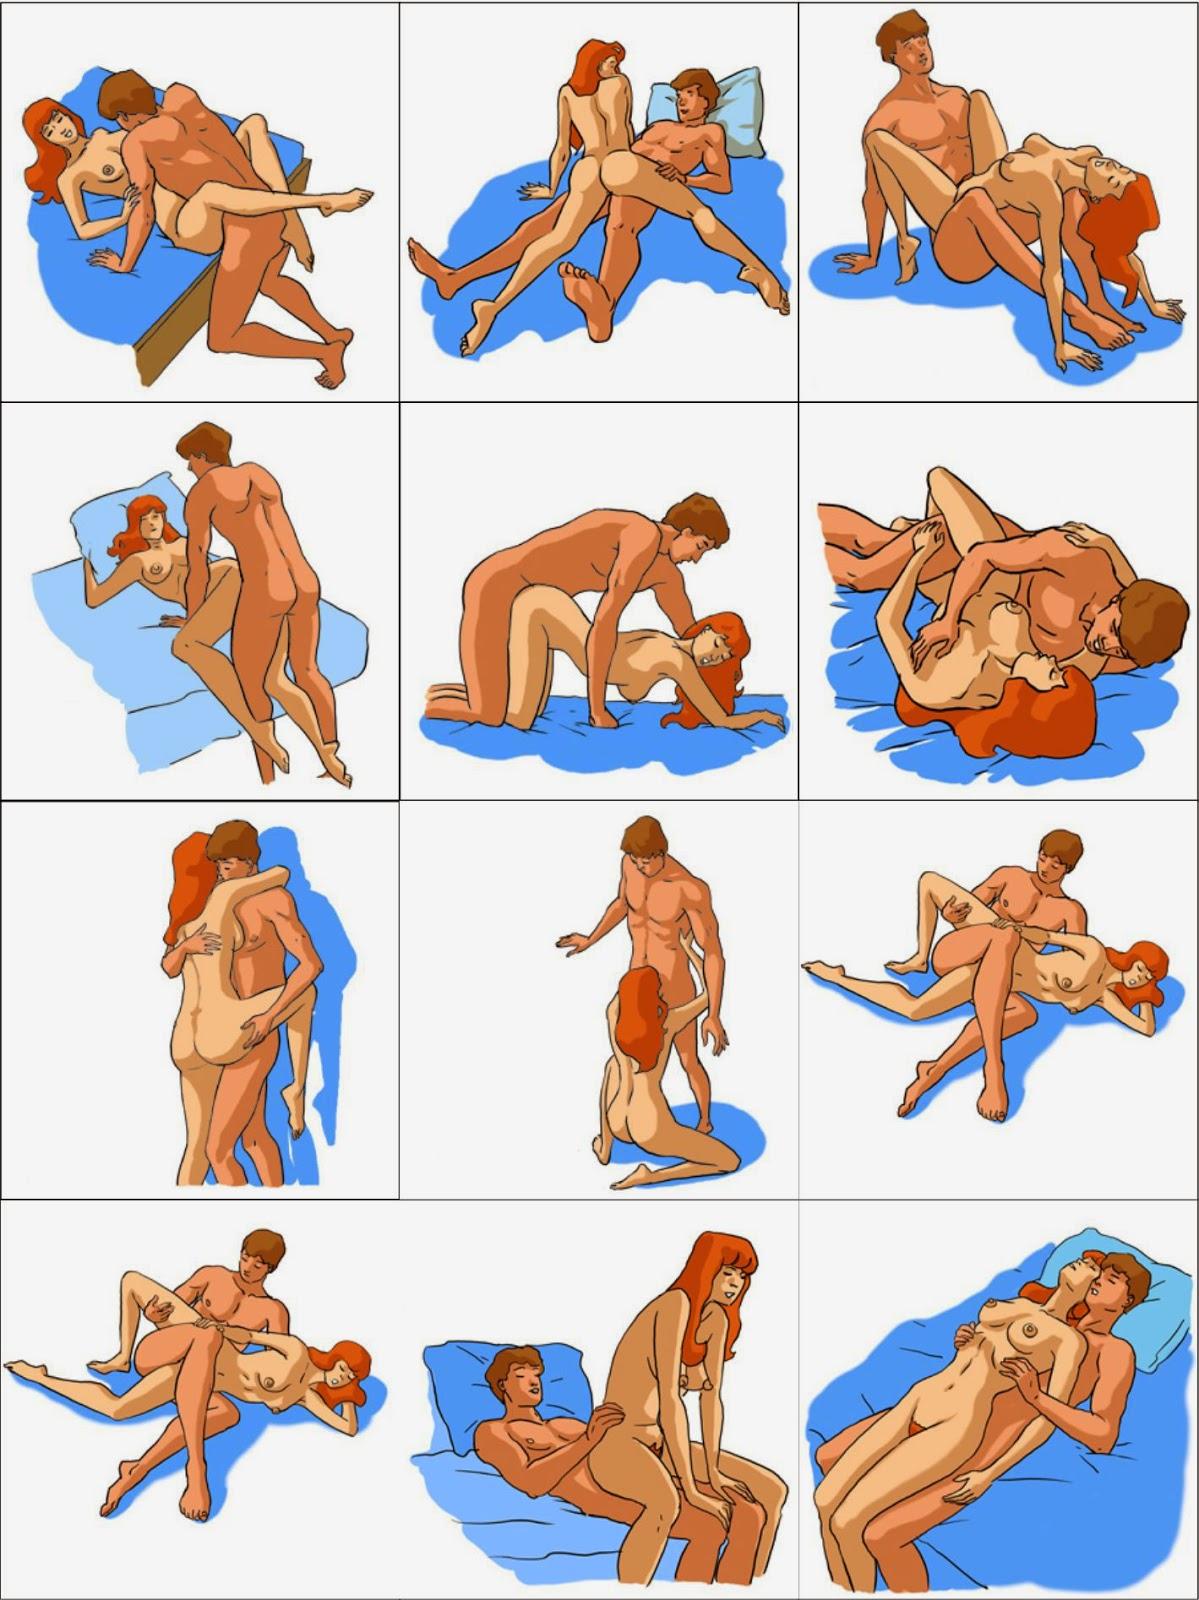 giochi per coppie cupido digiland